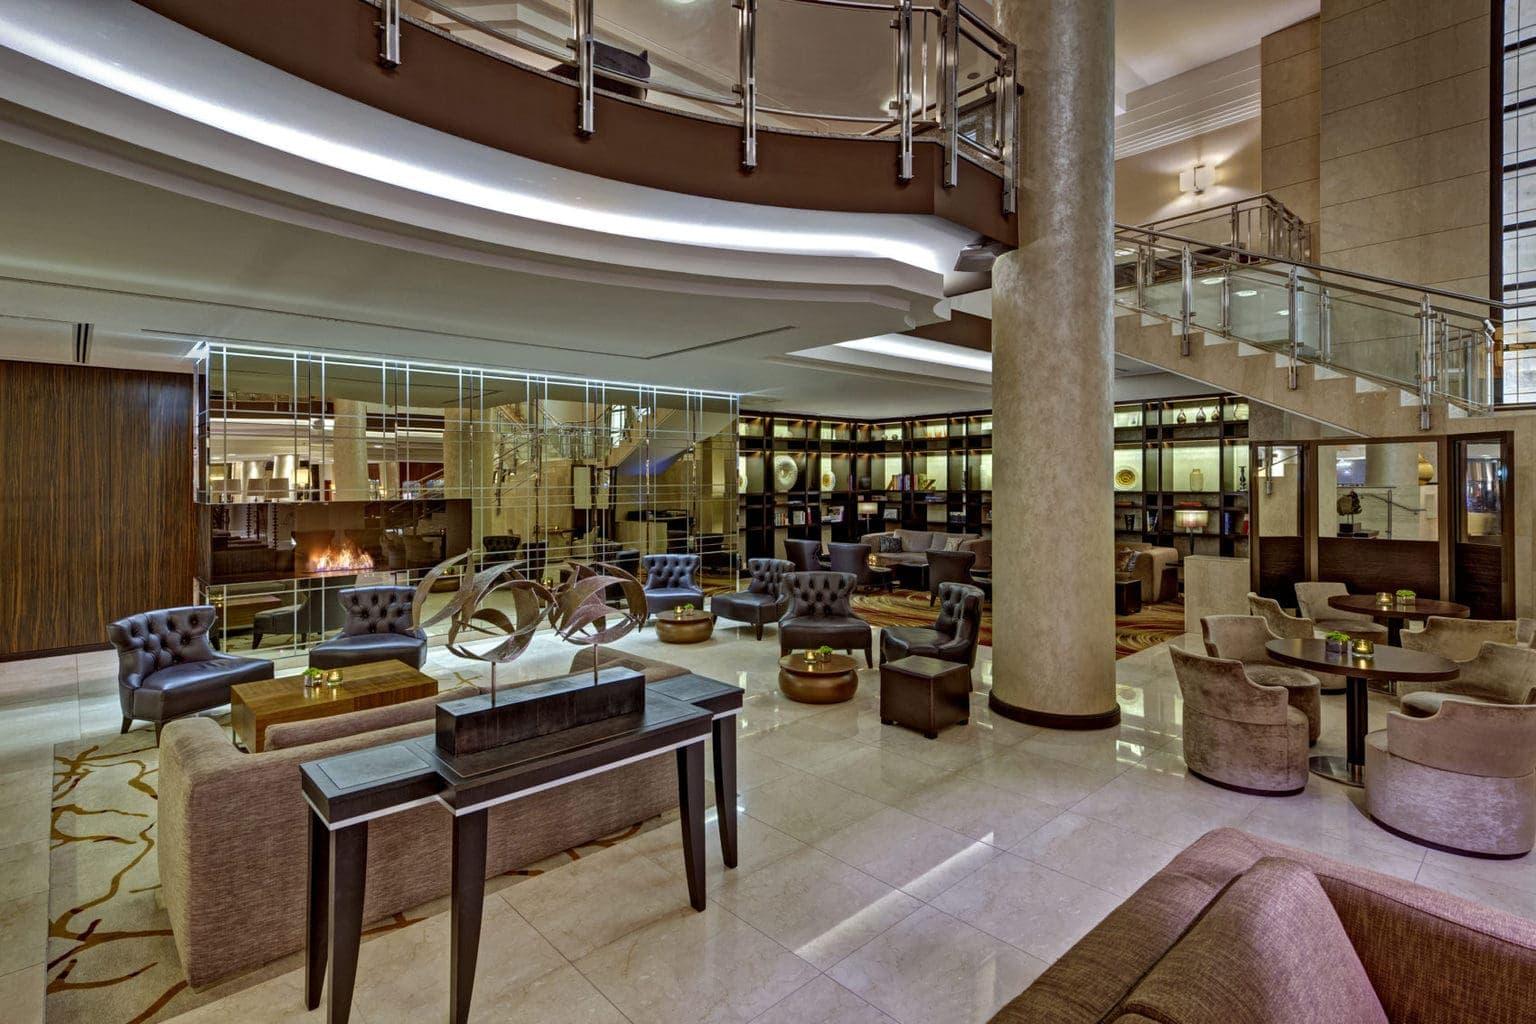 De lobby van het Hilton aan de Gendarmenmarkt, een luxe hotel in Berlijn